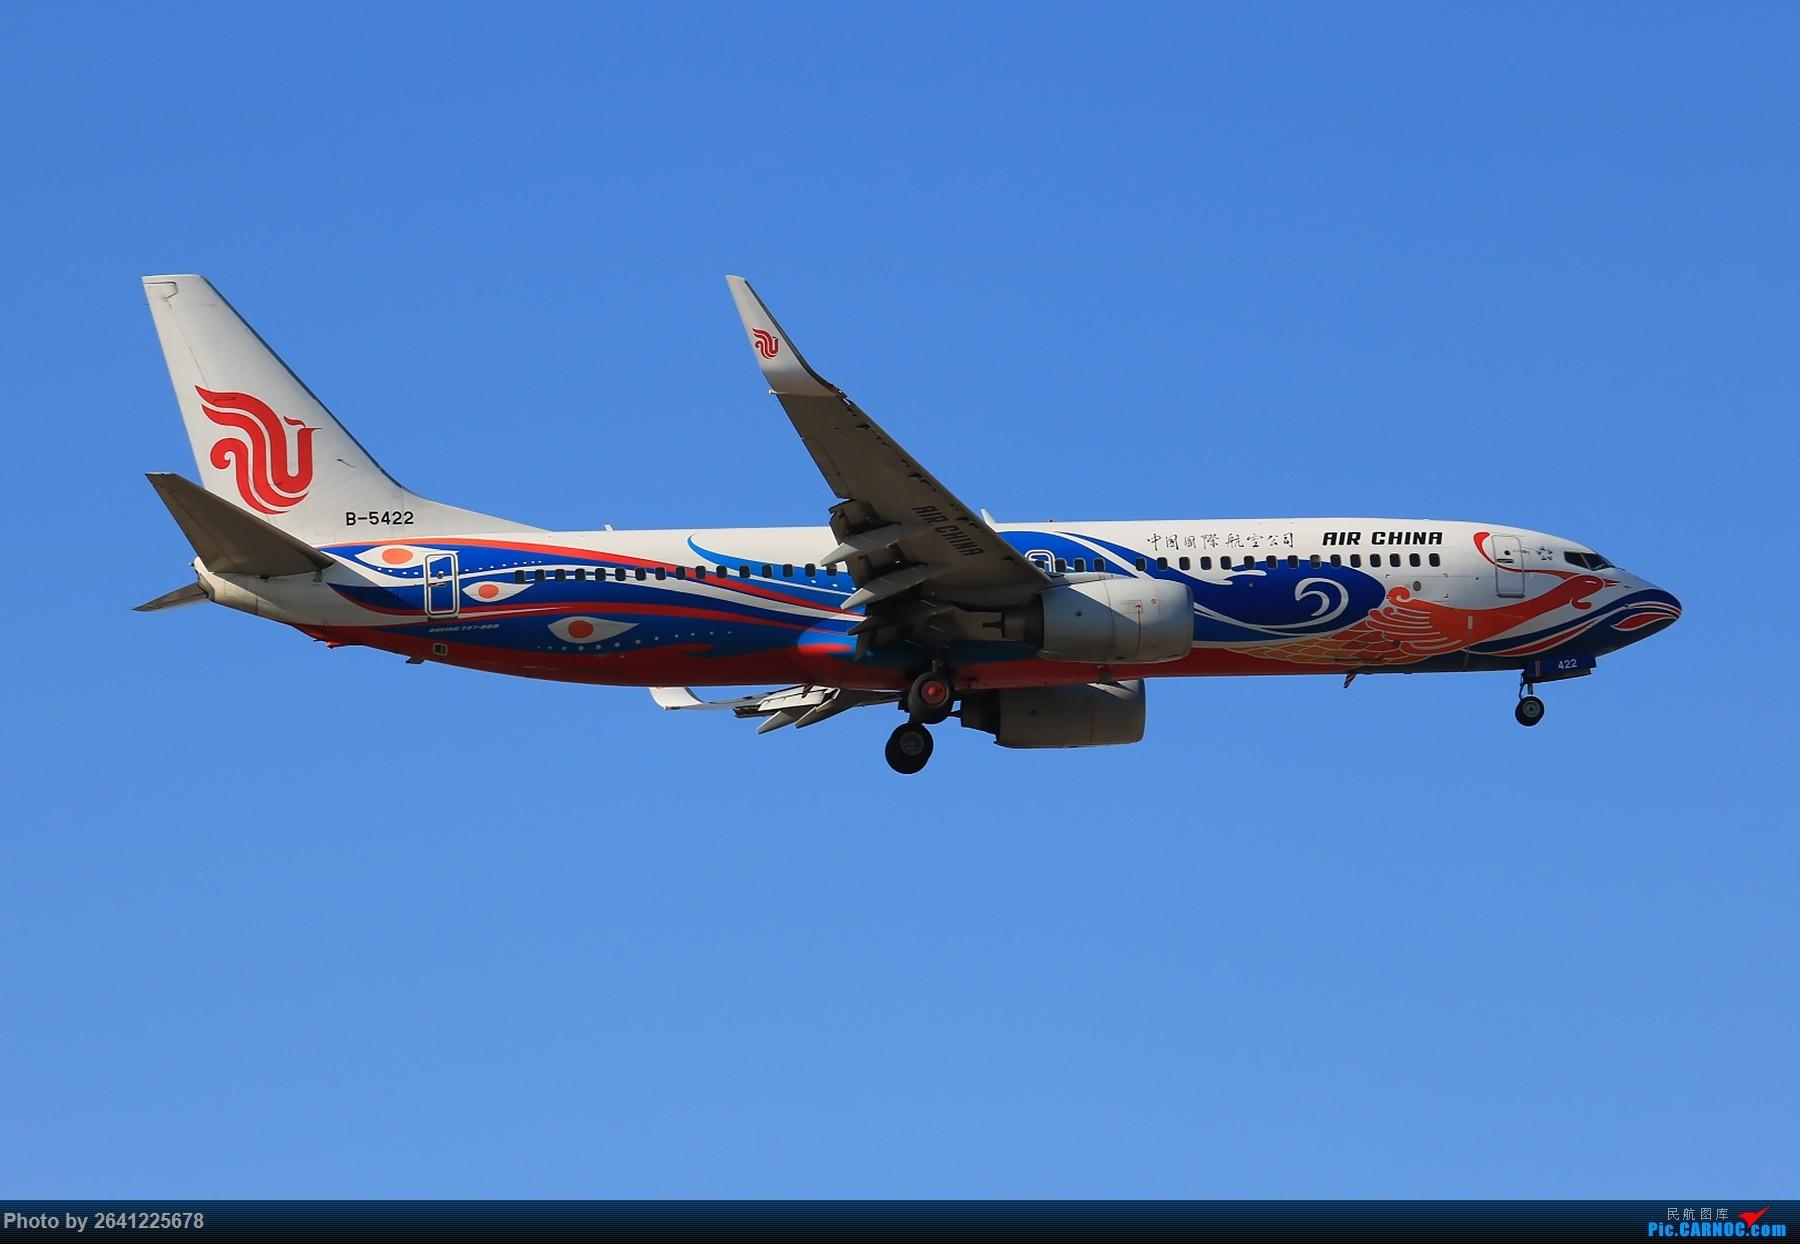 Re:[原创]【PEK】六七级北风吹走了雾霾,吹不走拍机的热情!1800*1200/1920*1280一组 图片略多,慢慢发 BOEING 737-800 B-5422 中国北京首都国际机场